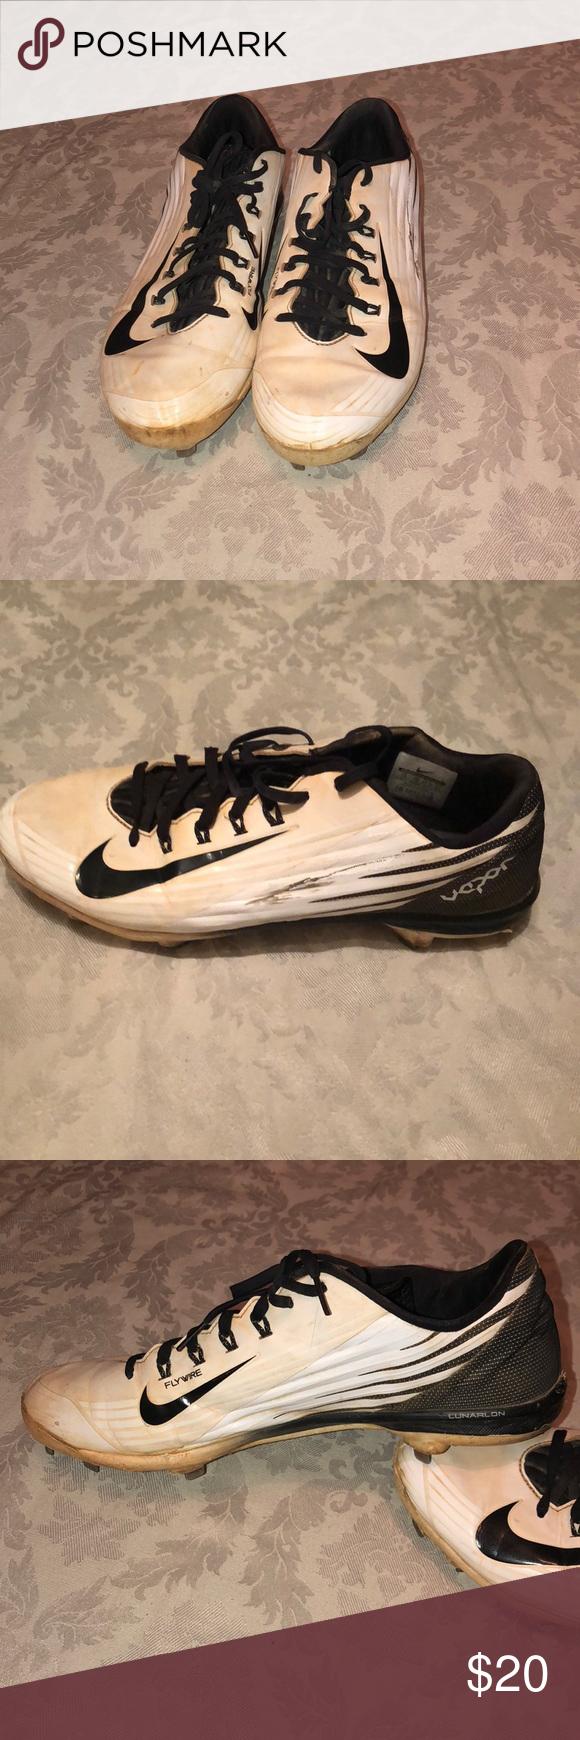 b12f564ce911 Nike baseball spikes